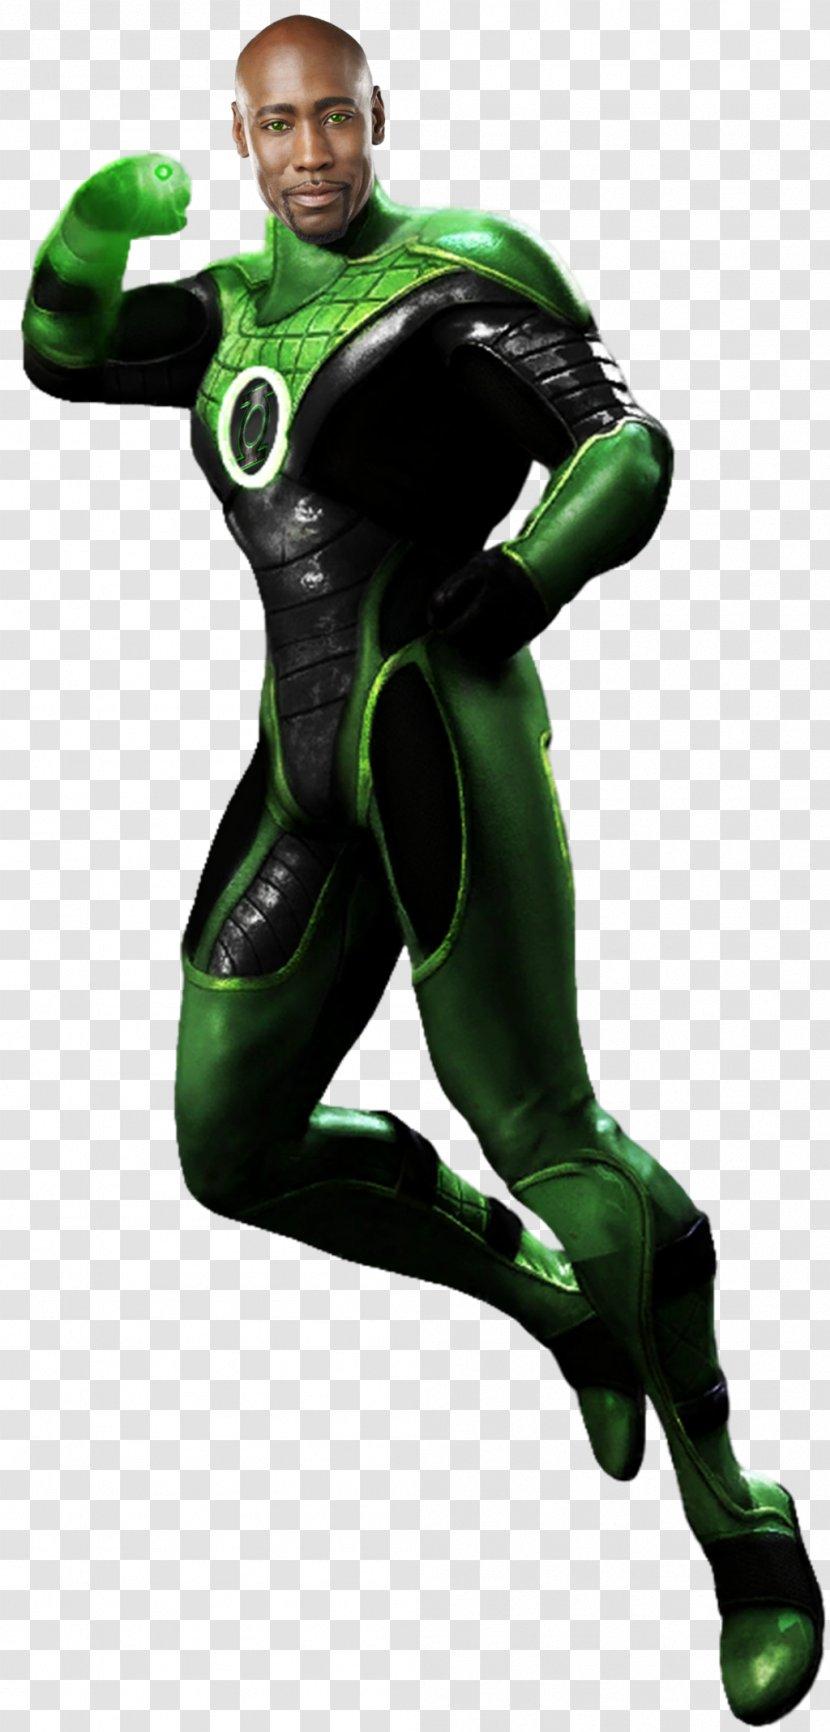 Jon Stewart John Green Lantern Corps Hal Jordan Rendering Dard Transparent Png